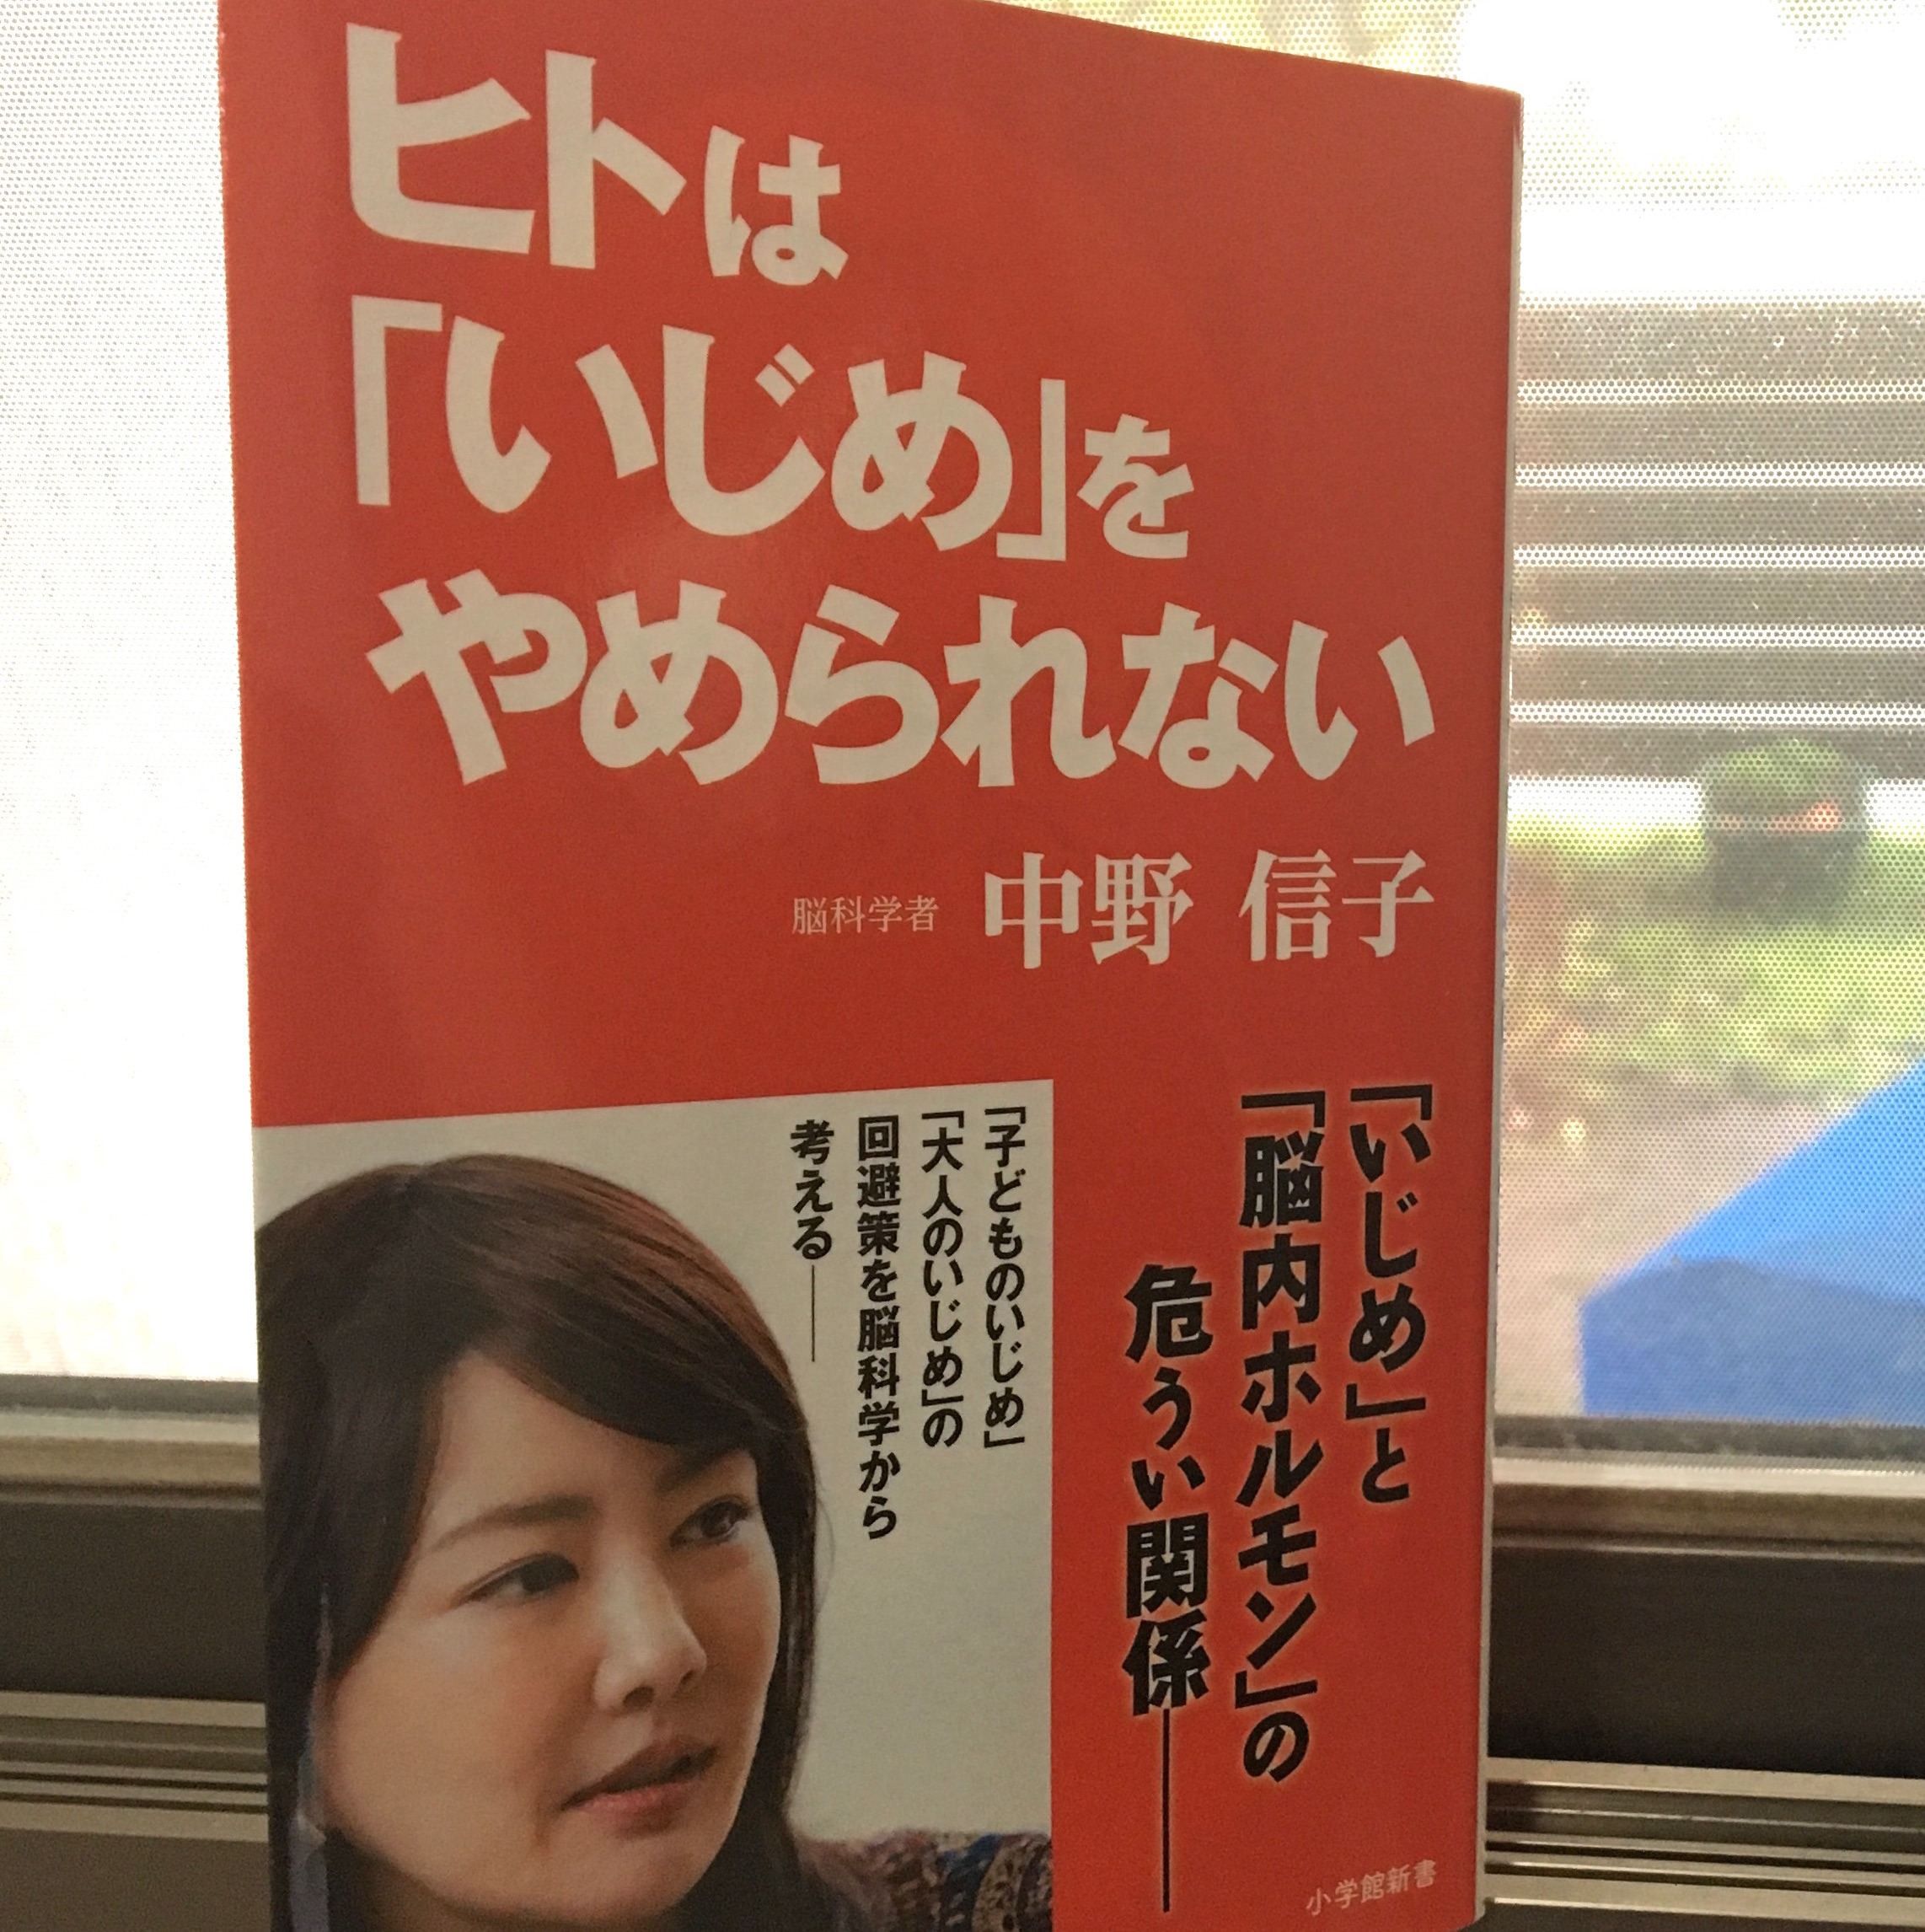 中野信子さん『ヒトは「いじめ」をやめられない』を読む運動会中止の朝